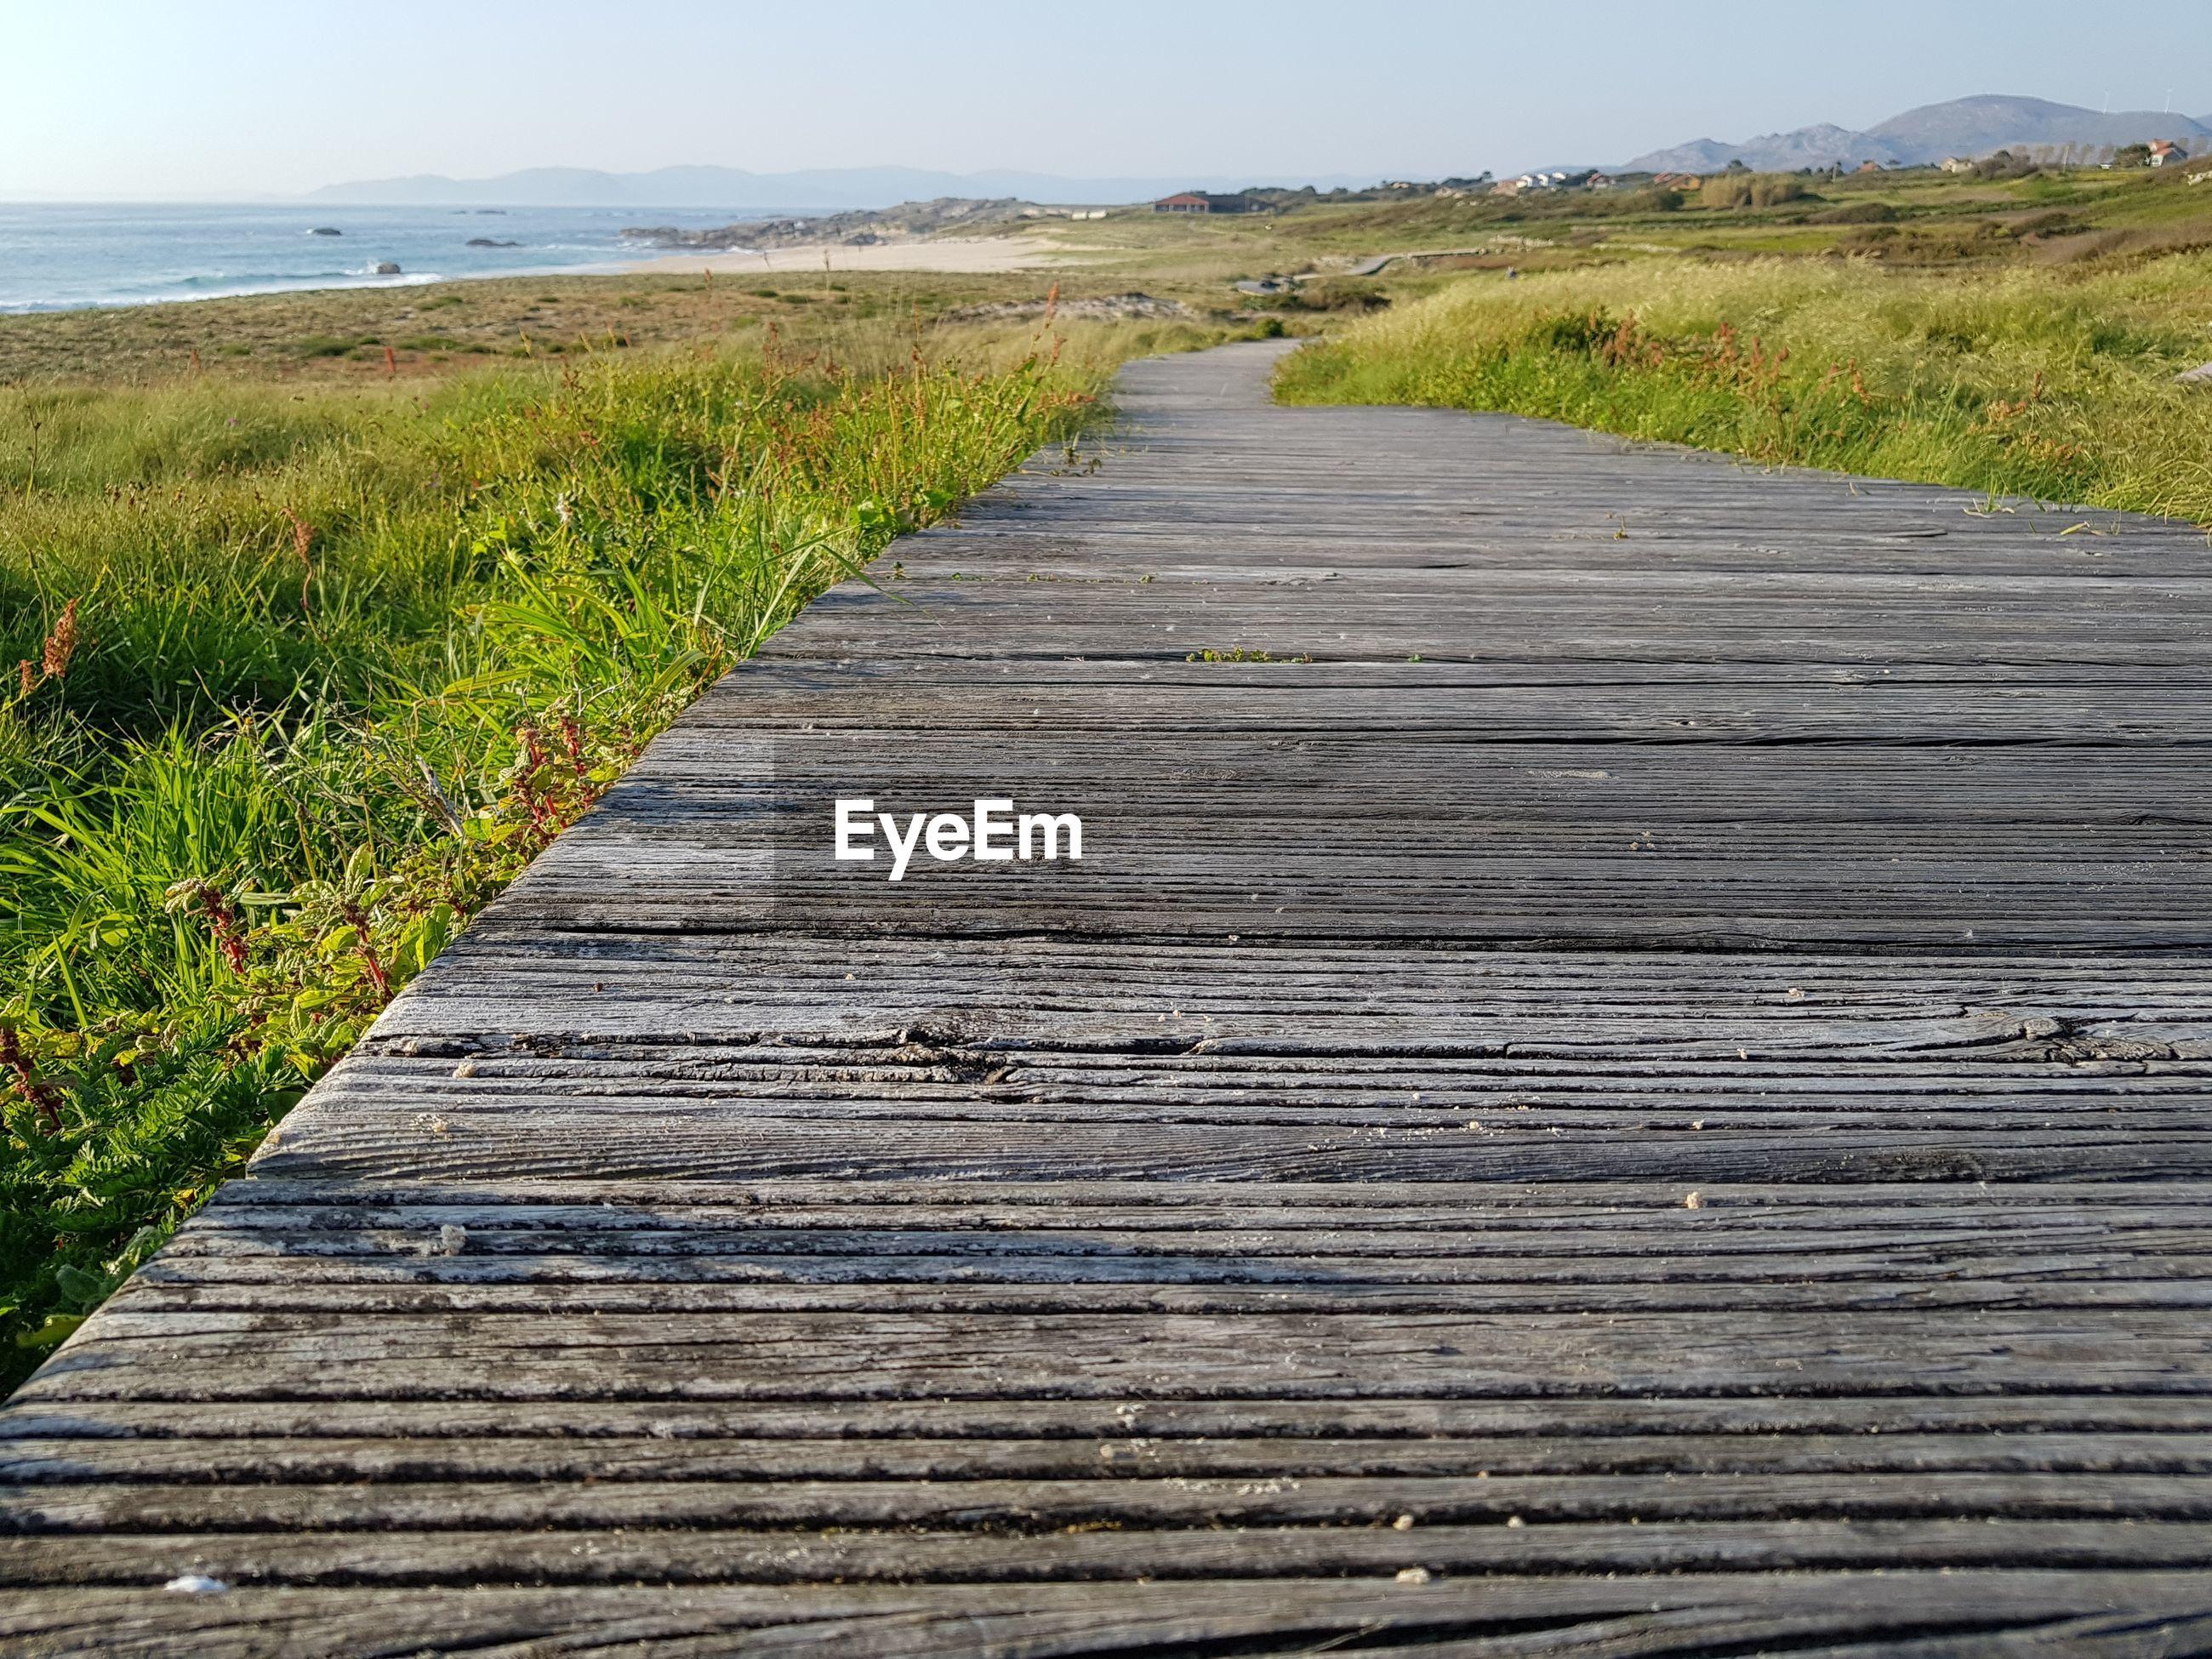 Surface level of boardwalk on landscape against sky